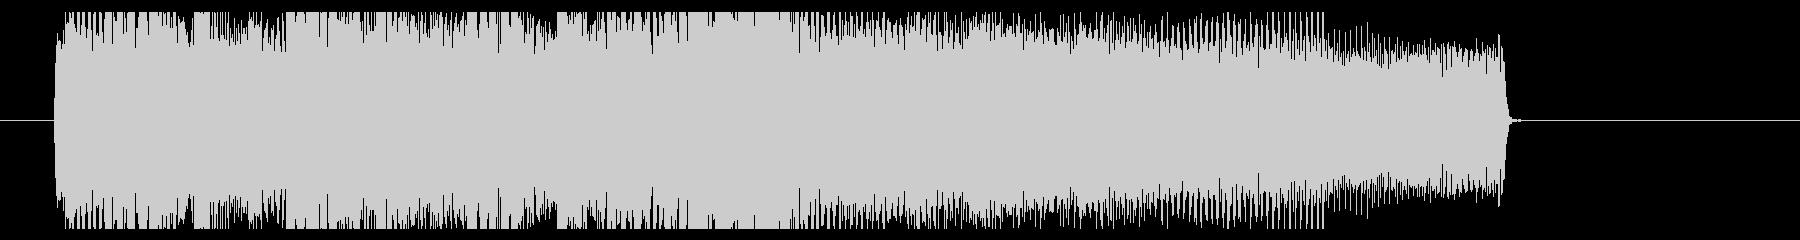 メタルコア(BPM240)リフジングルの未再生の波形